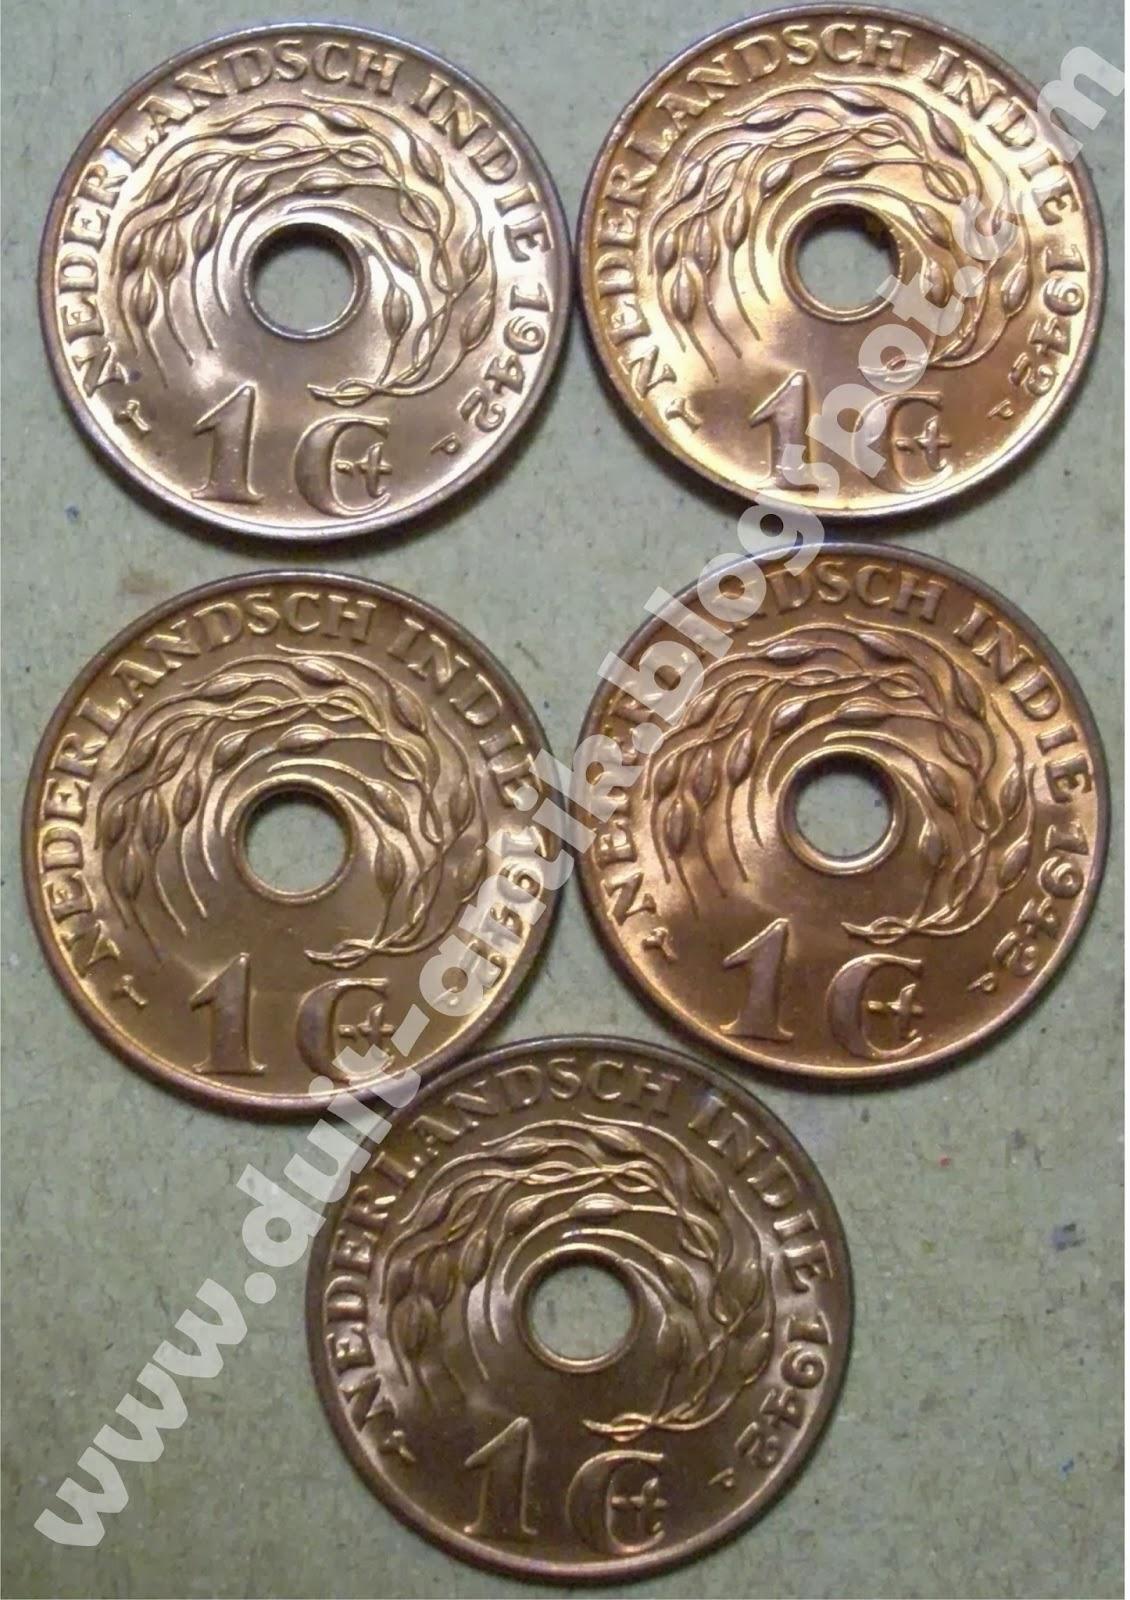 ... berbagai macam uang kuno dan barang kuno: KOIN KUNO INDONESIA DIJUAL